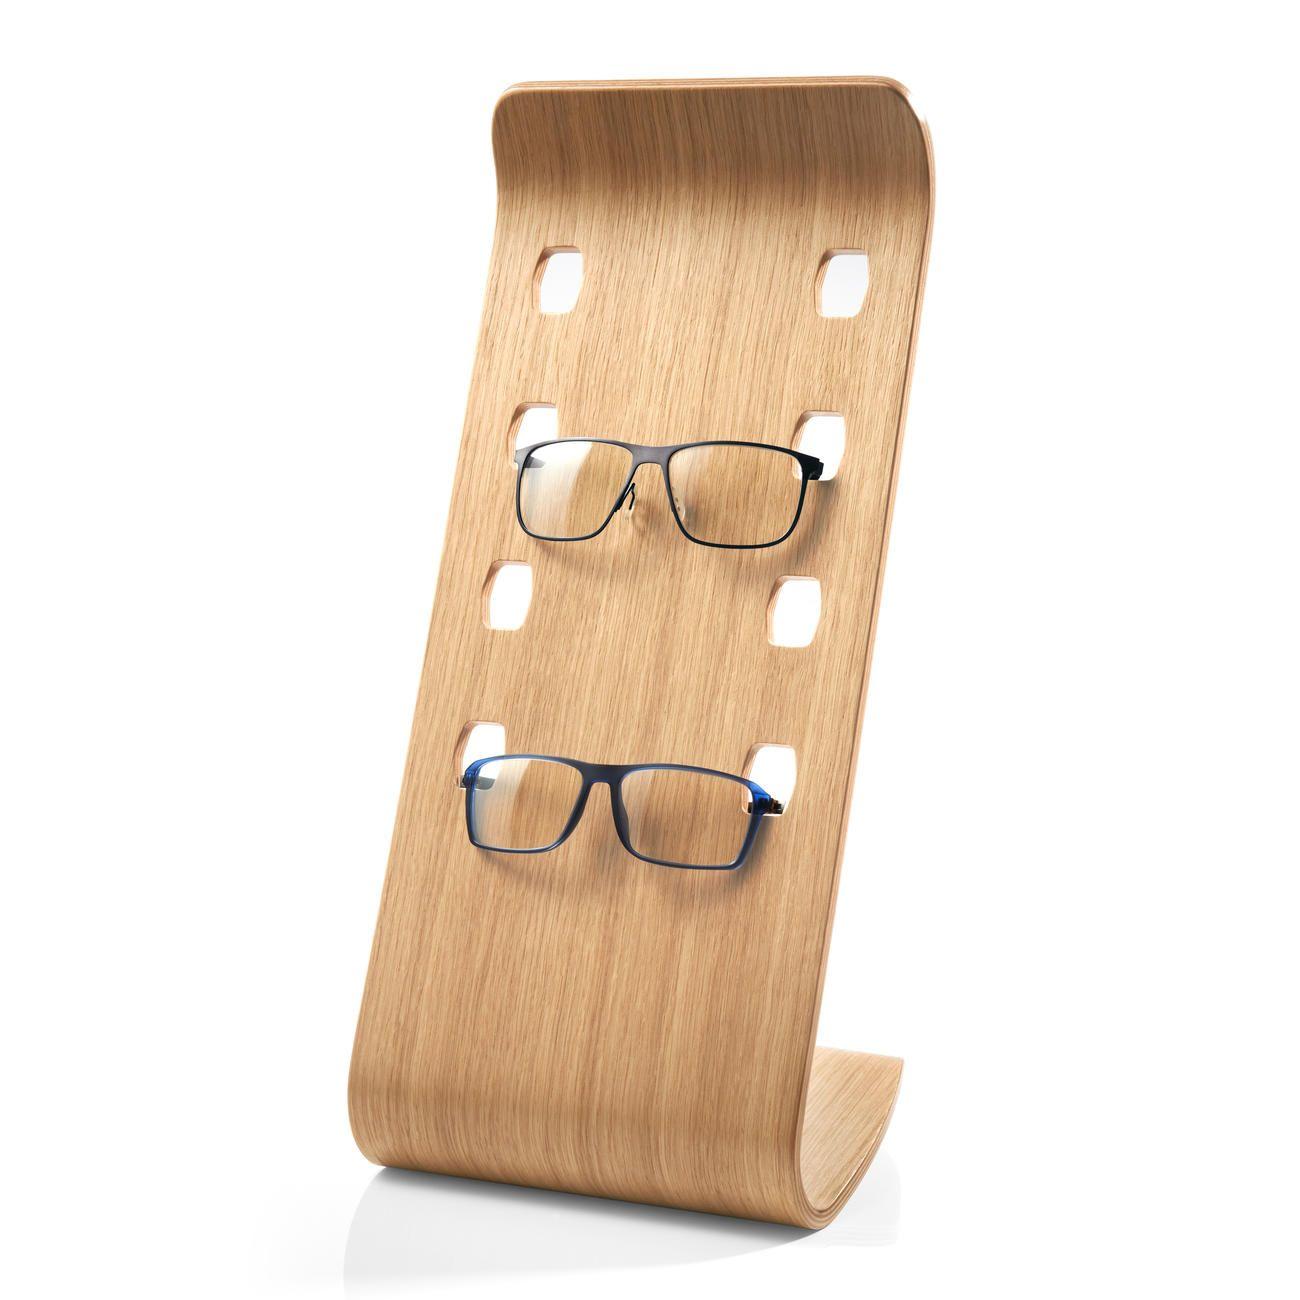 Etagère à lunettes - Accessoire luxueux en placage bois courbé à la teinte  chêne actuelle permet de présenter vos 4 modèles favoris. c6de9aeb0d62